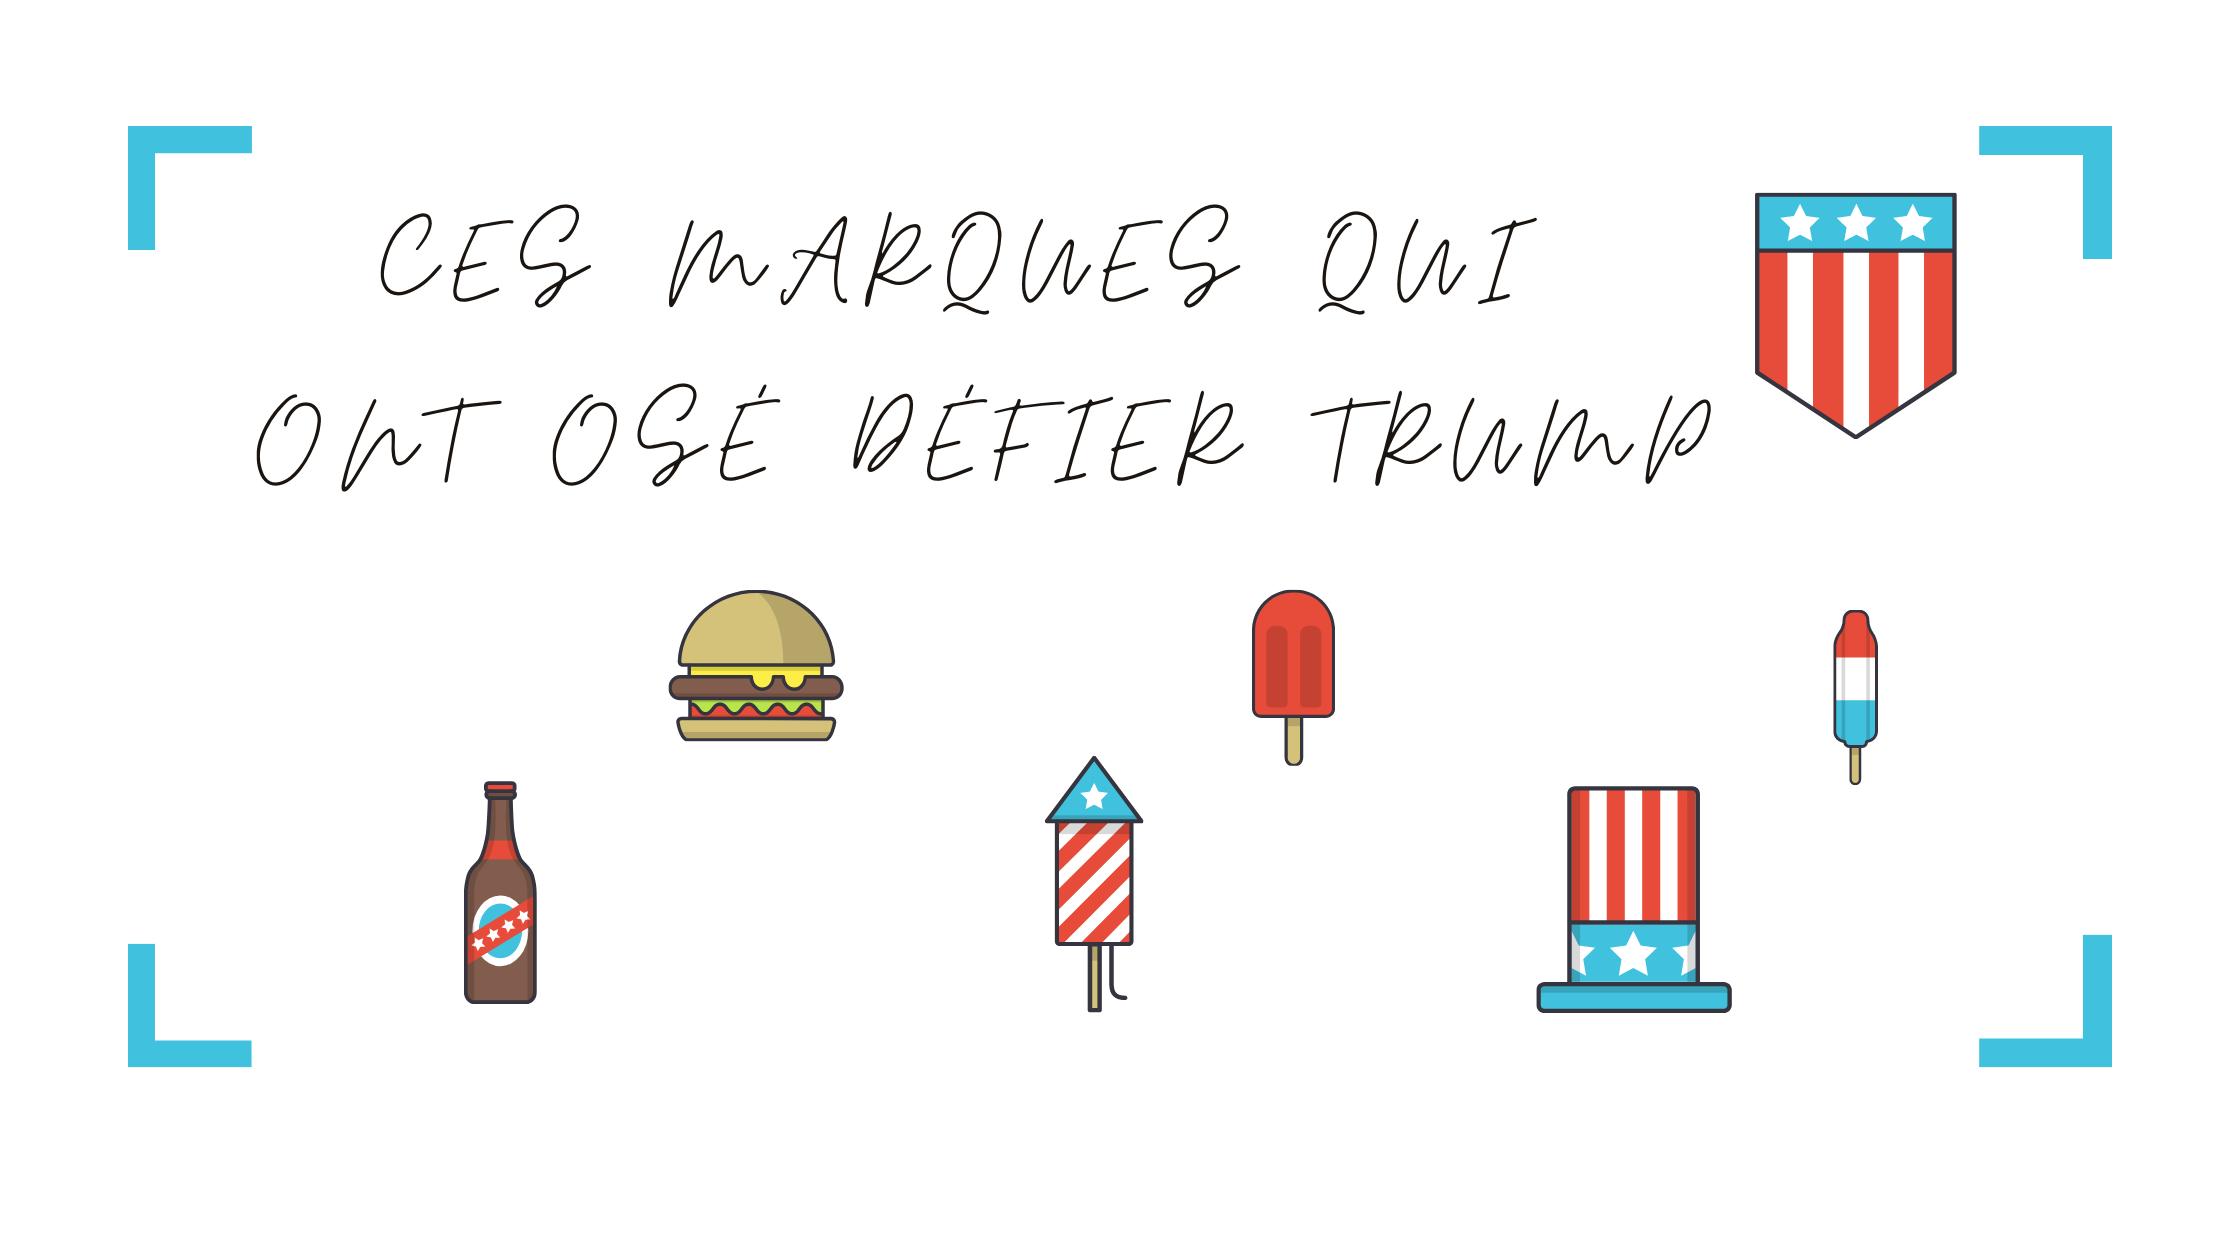 Connaissez-vous ces marques anti Trump ?